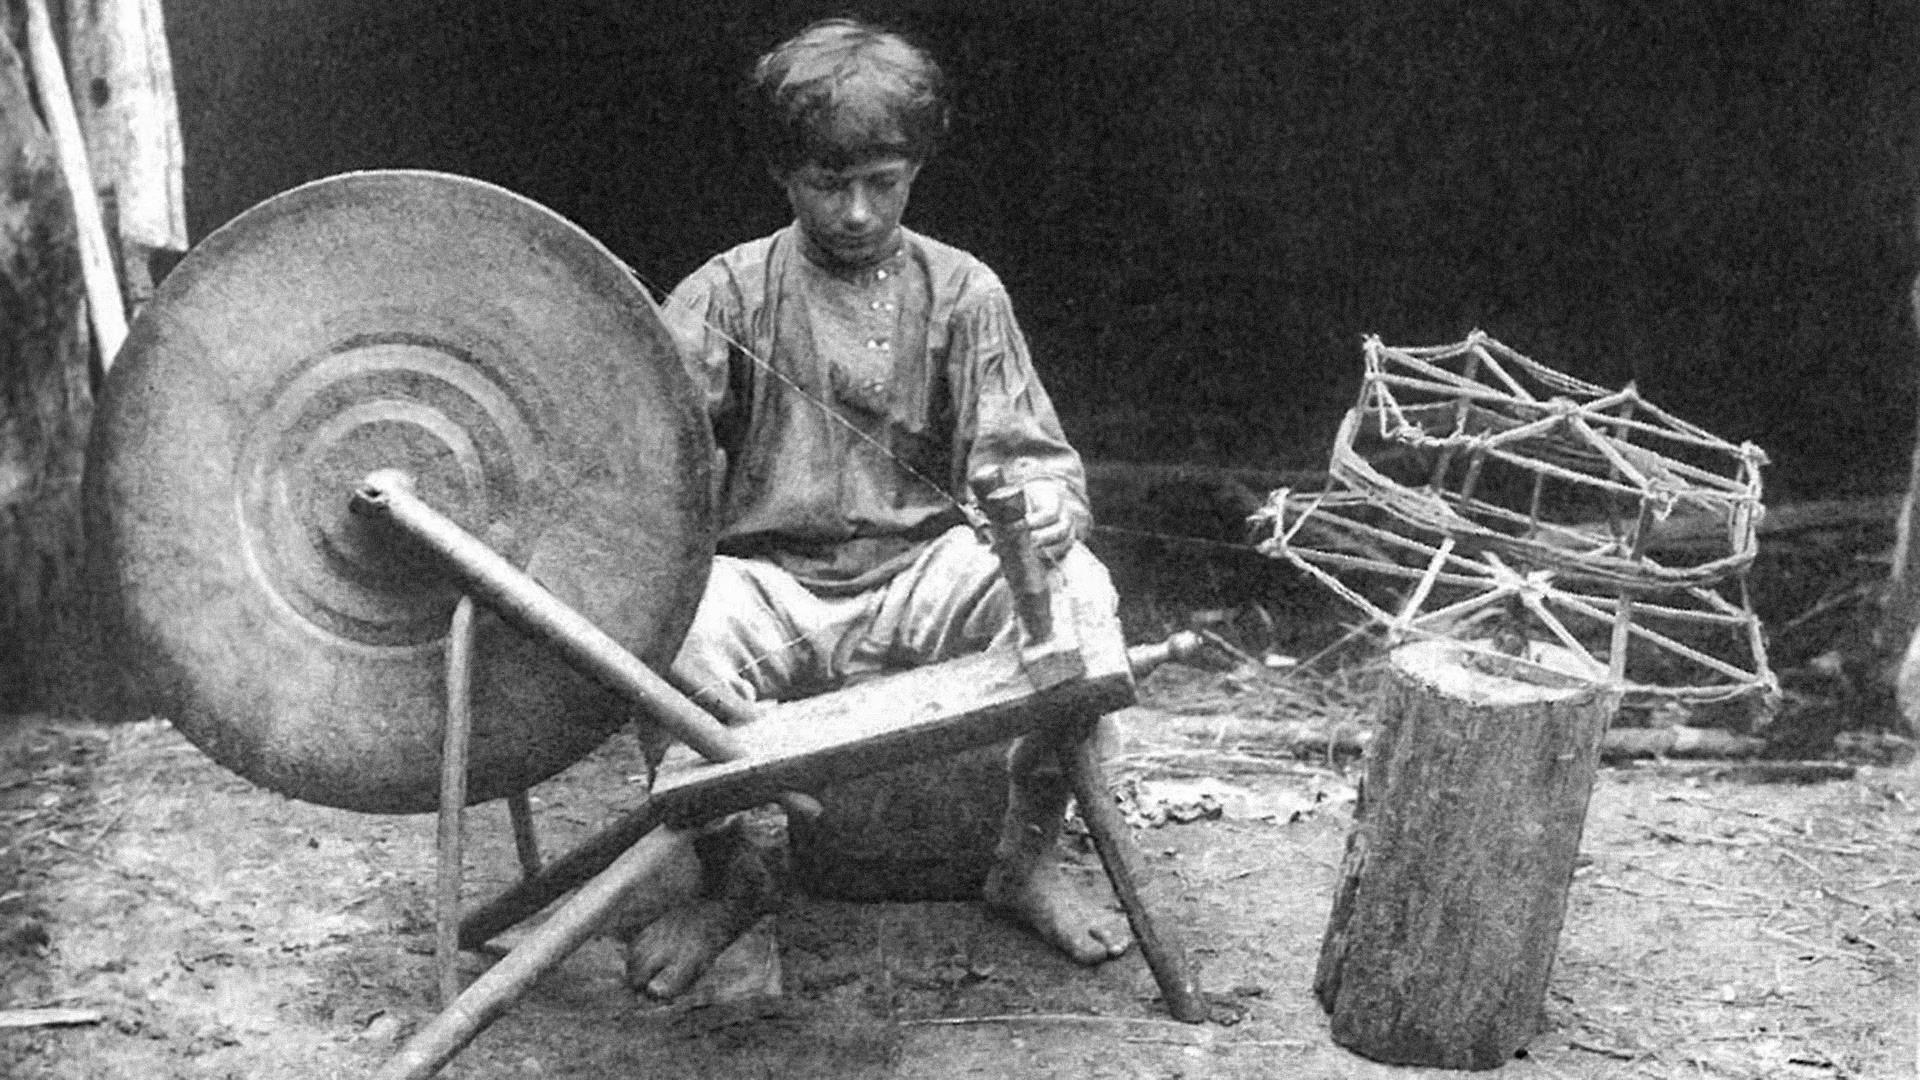 Un garçon enroule des fils pour la fabrication de bandes de calicot. Gouvernorat de Riazan, village de Alekseïev, 1913.